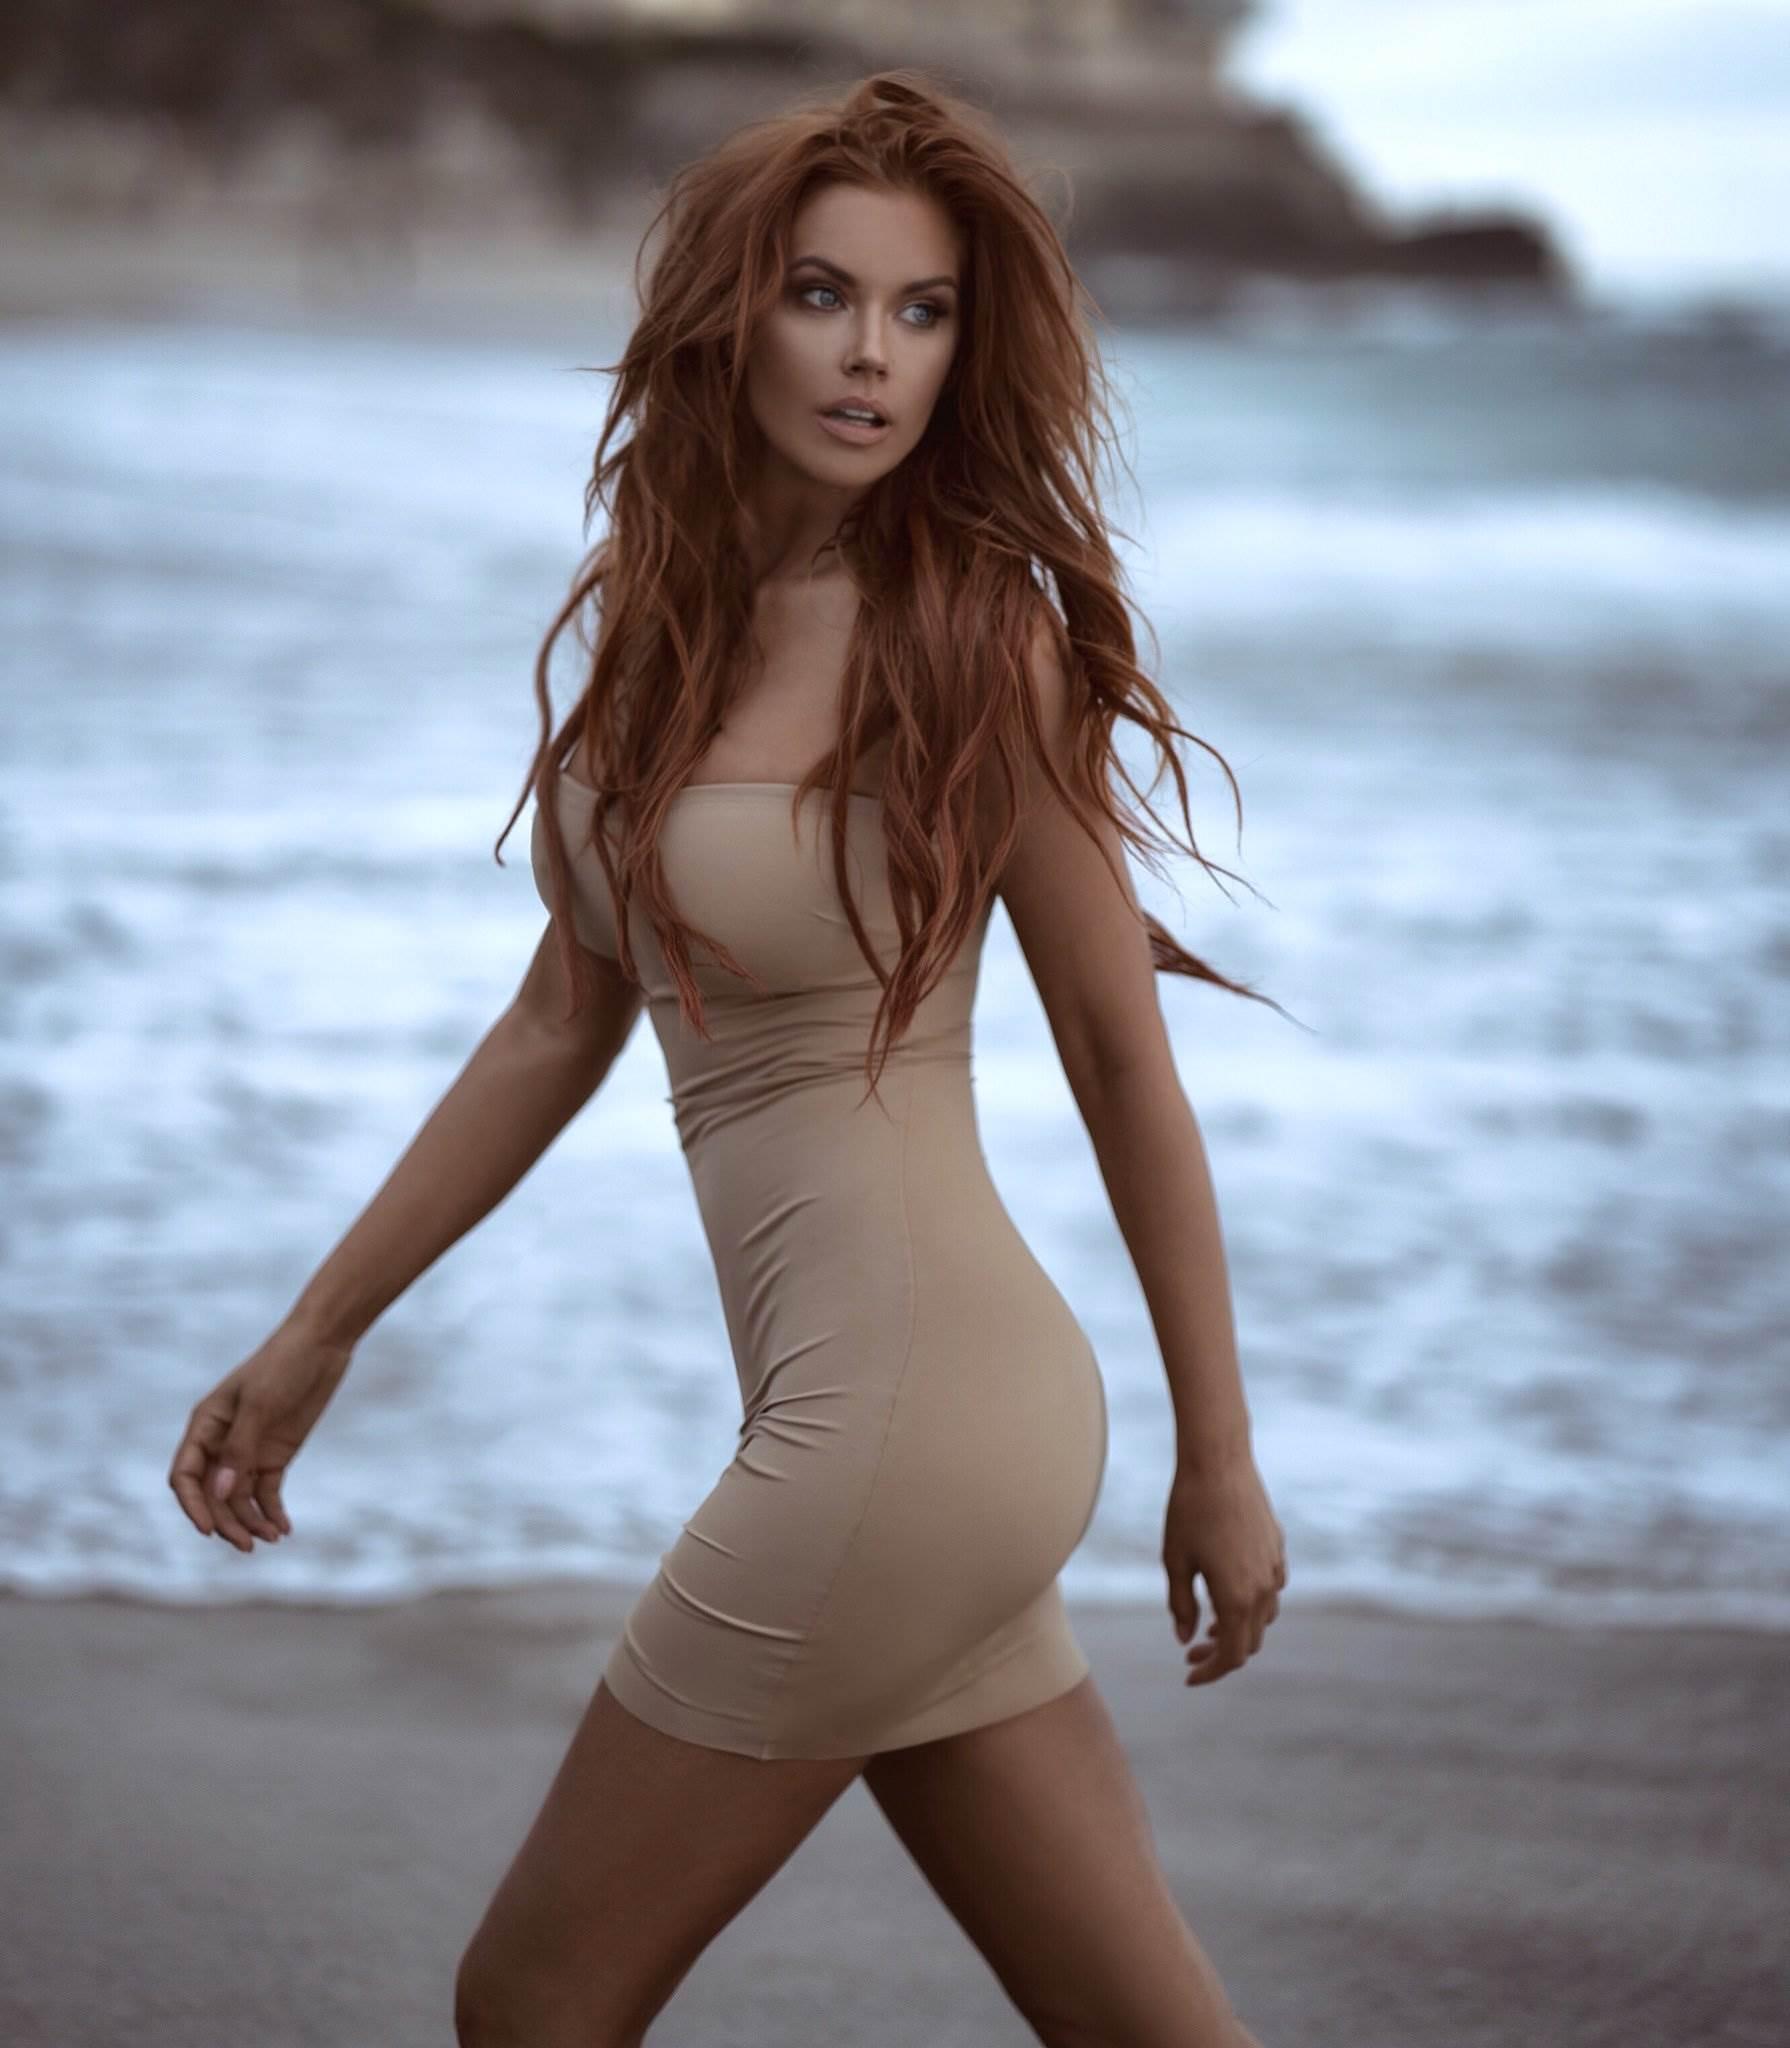 Самые красивые девушки с шикарной фигурой  Красивые девушки,красивые девушки,подборка,самые красивые